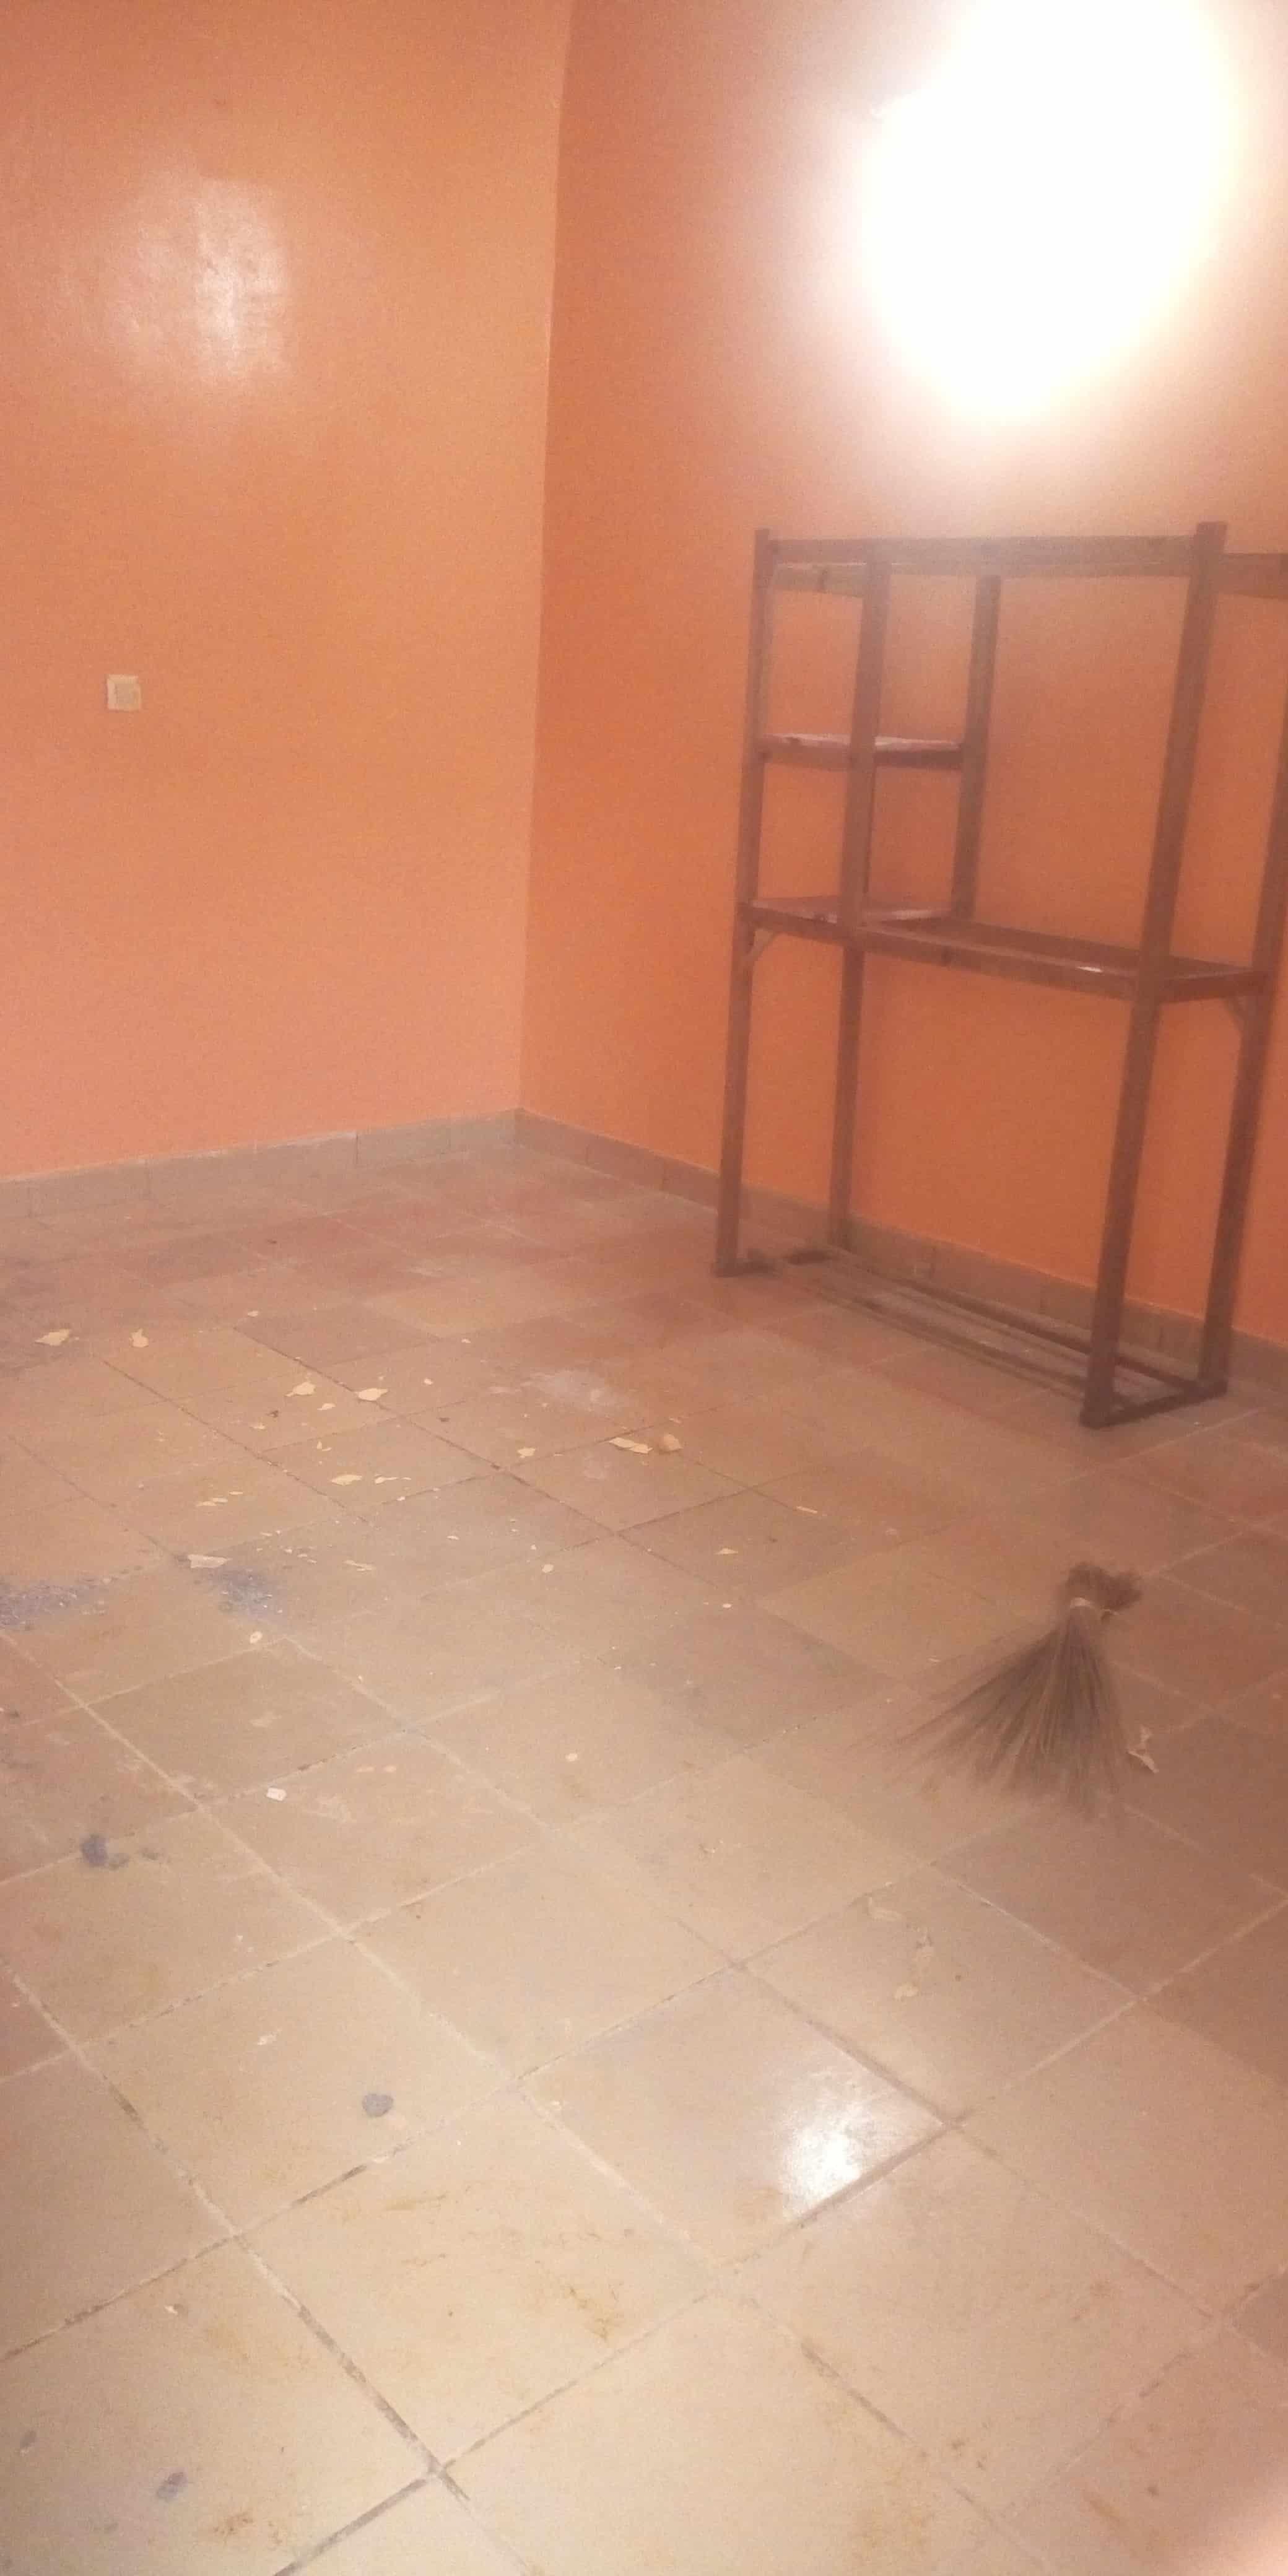 Studio to rent - Yaoundé, Biyem-Assi, Chambre moderne disponible à Yaoundé biyem lycée dans la barrière à 30 m de la route principale - 32 500 FCFA / month